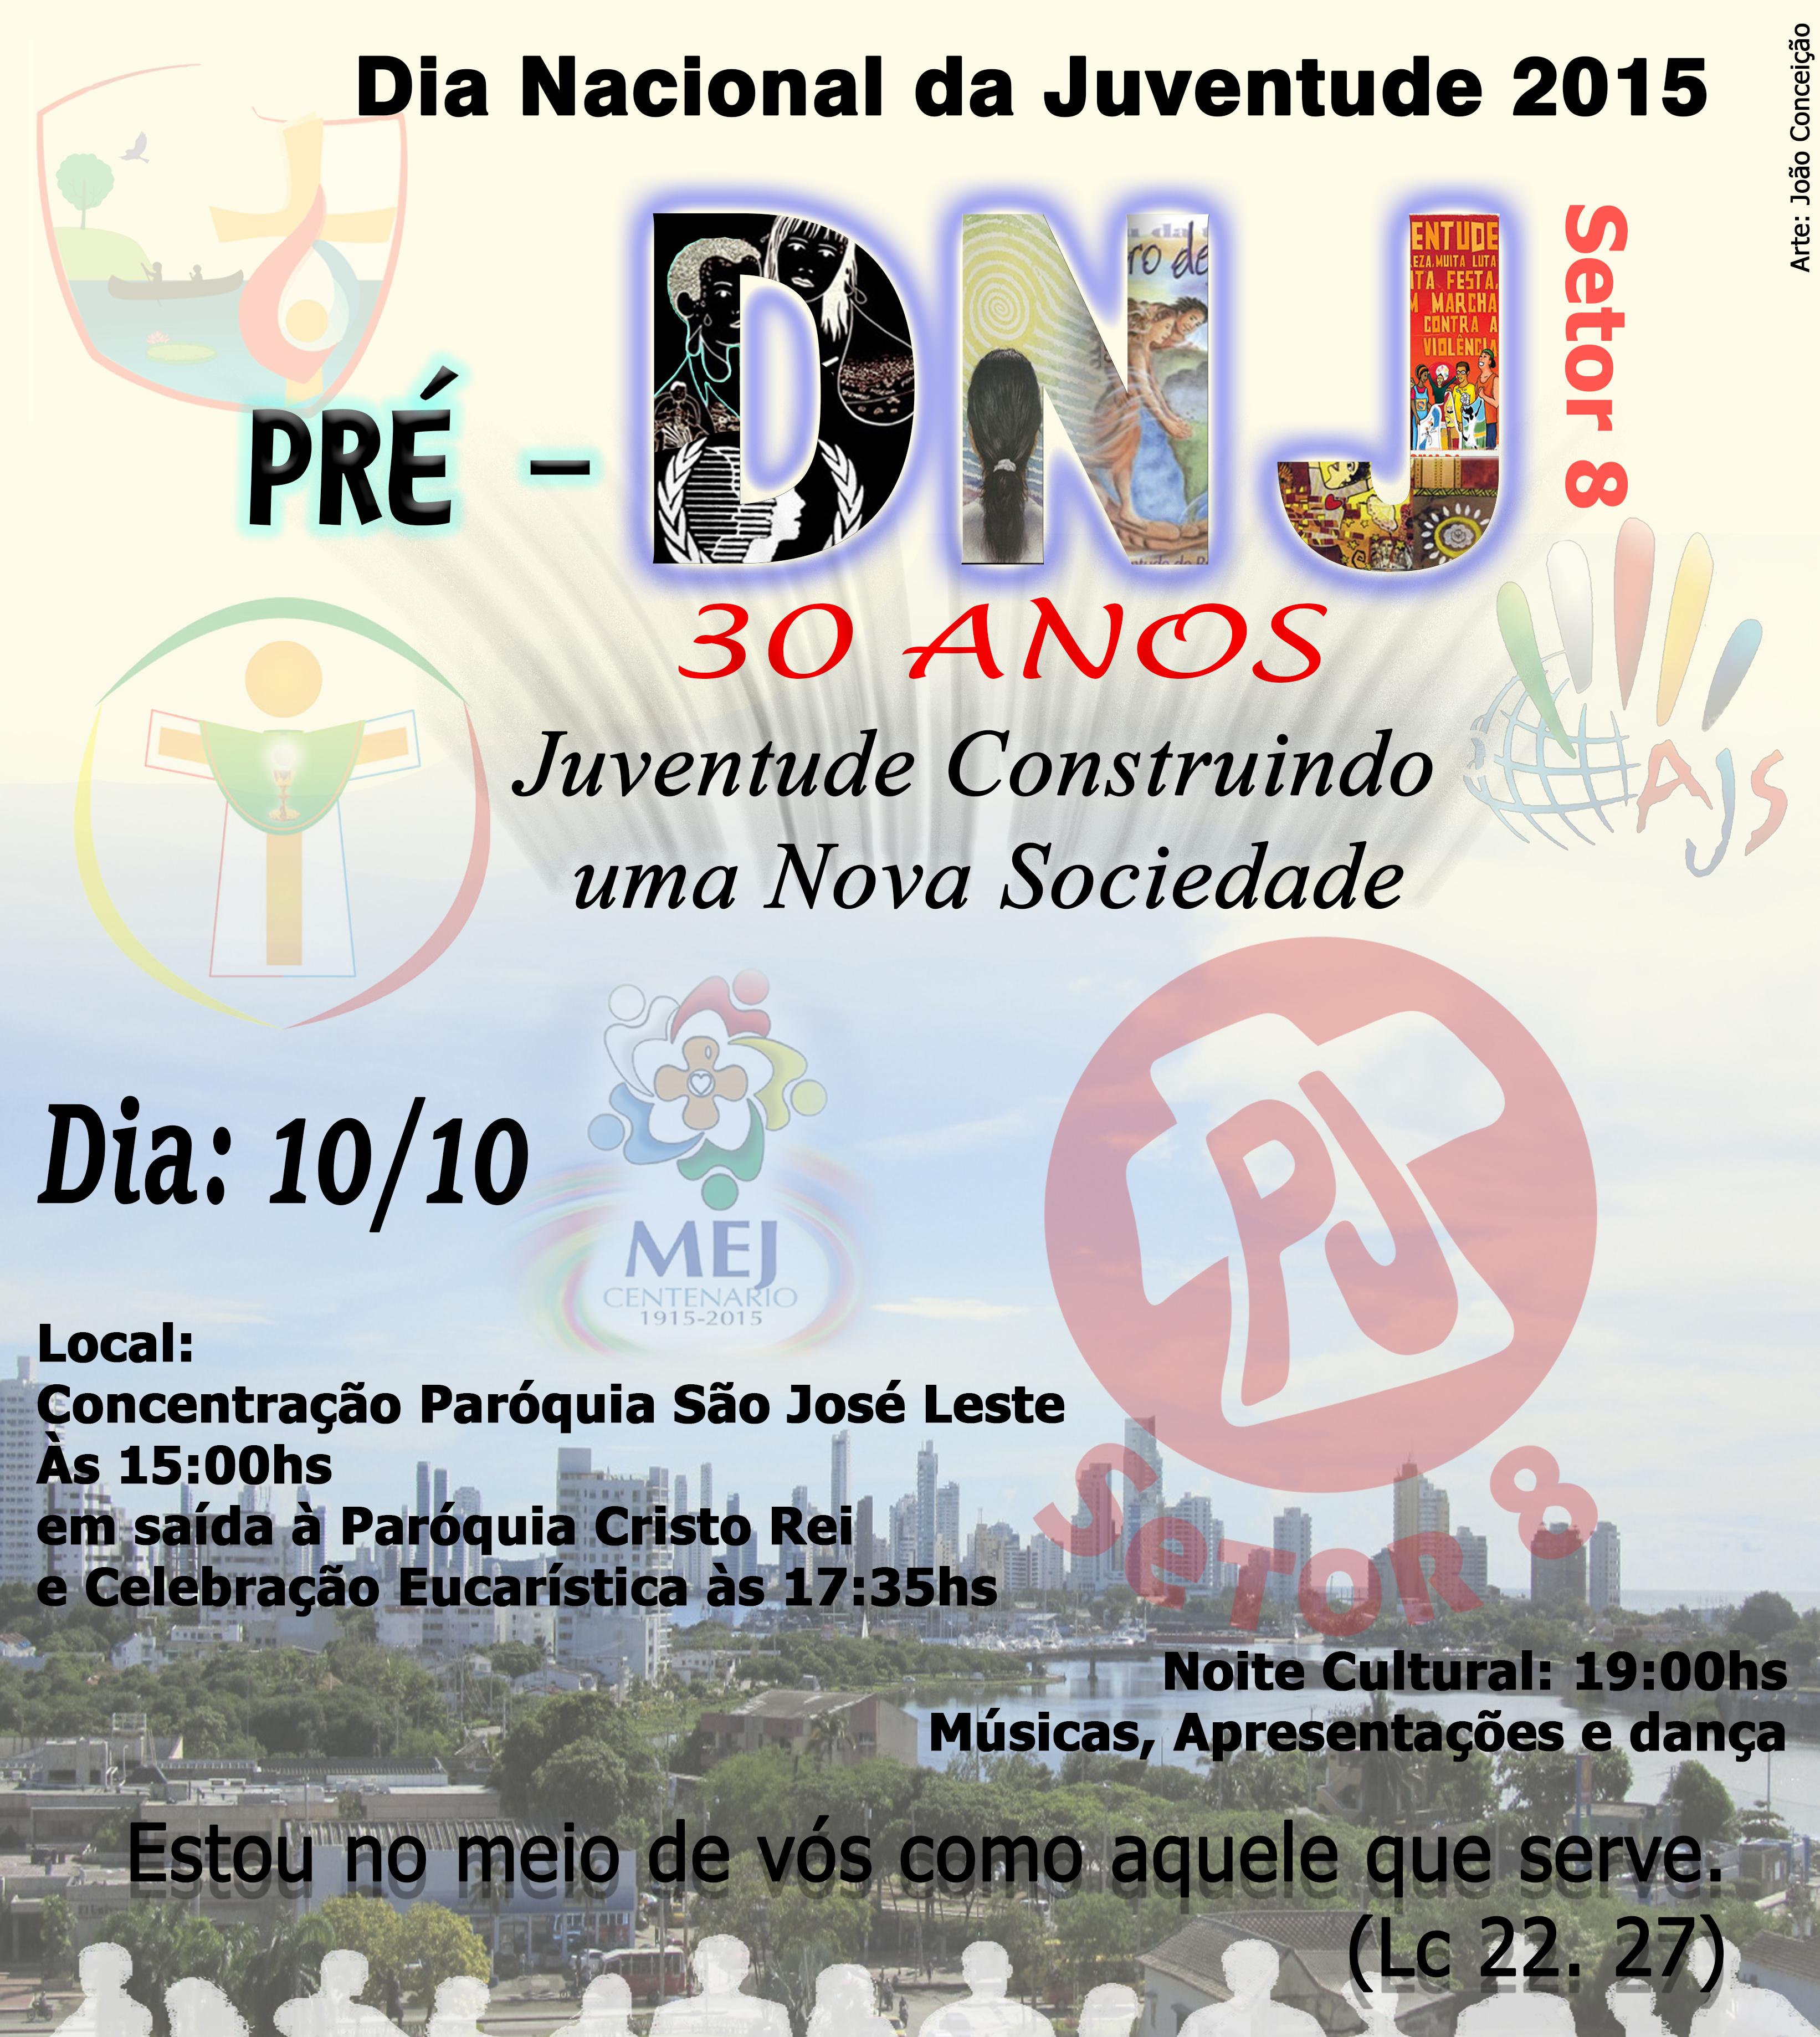 PJ de Manaus promove pré-DNJ no dia 10 de outubro